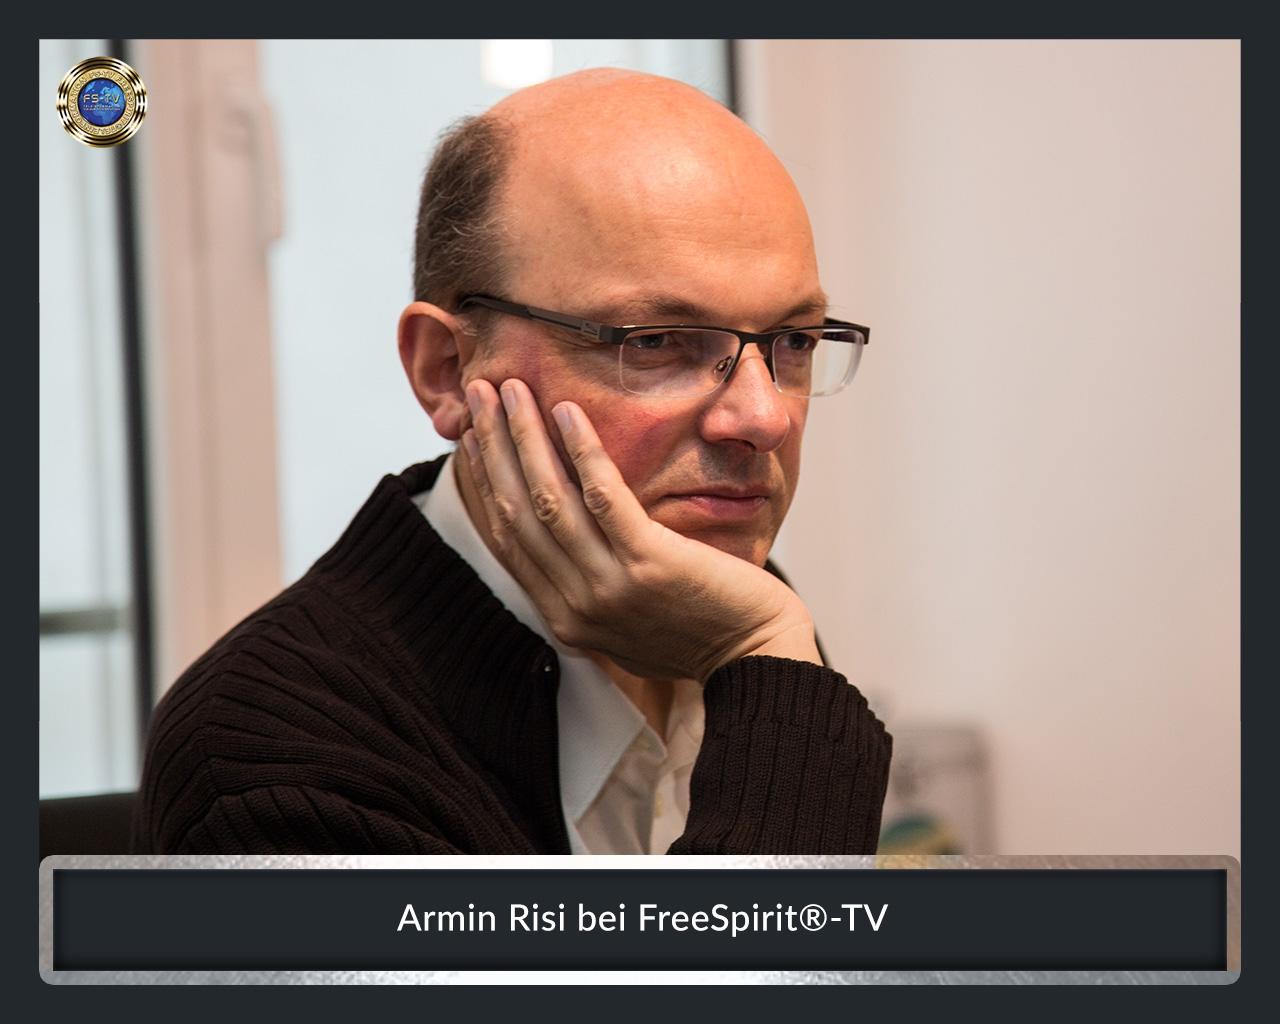 FS-TV-Bildergallerie-Armin-Risi5